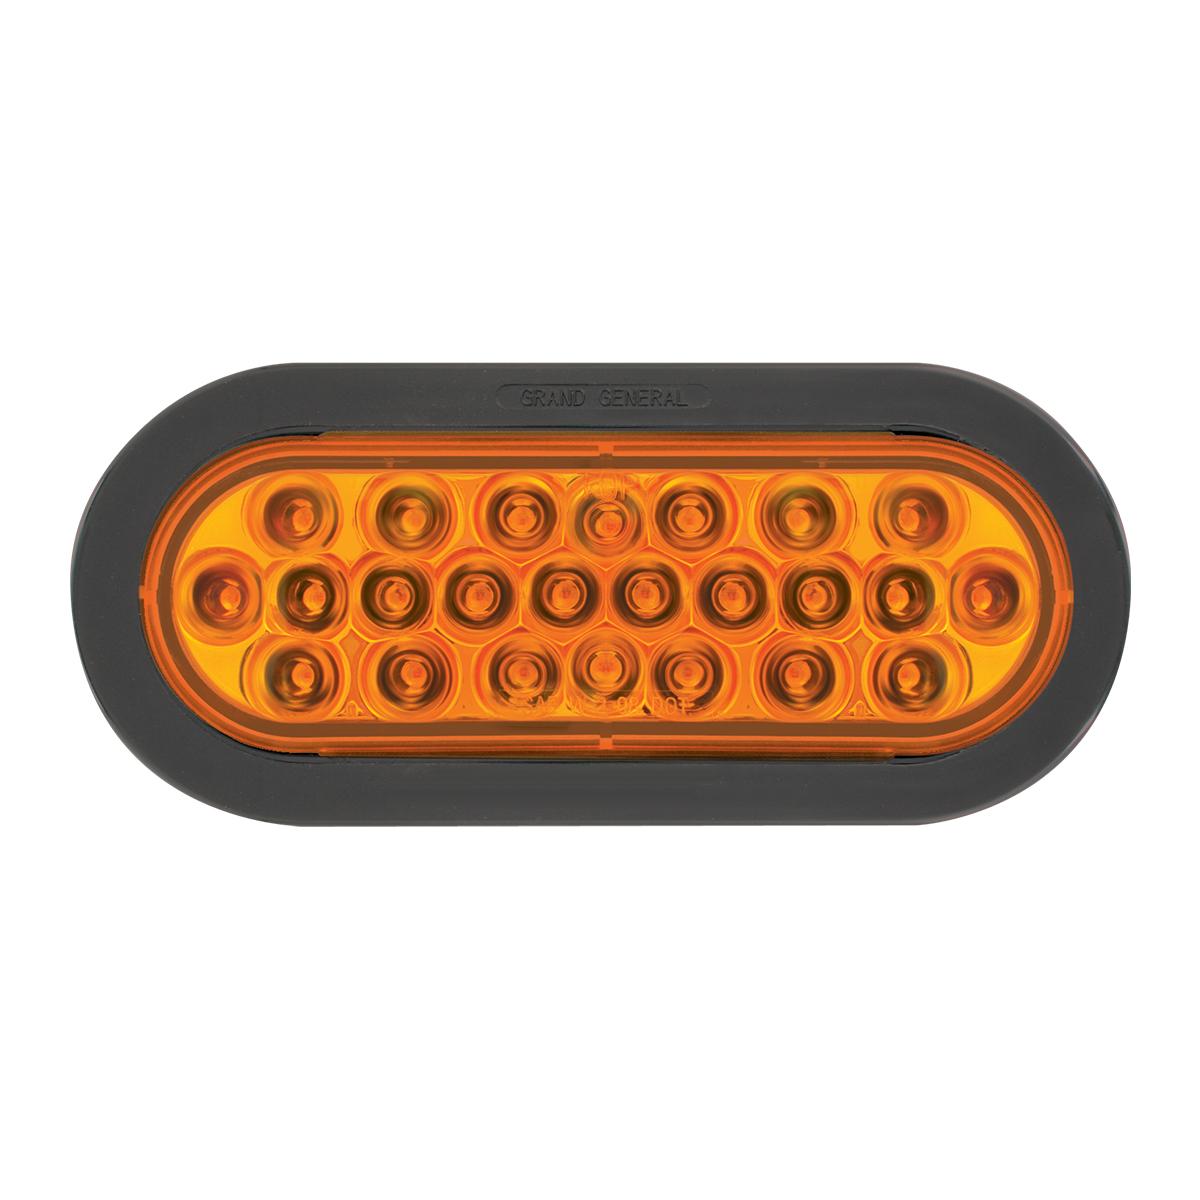 76520 Oval Pearl LED Strobe Light in Black Rubber Grommet